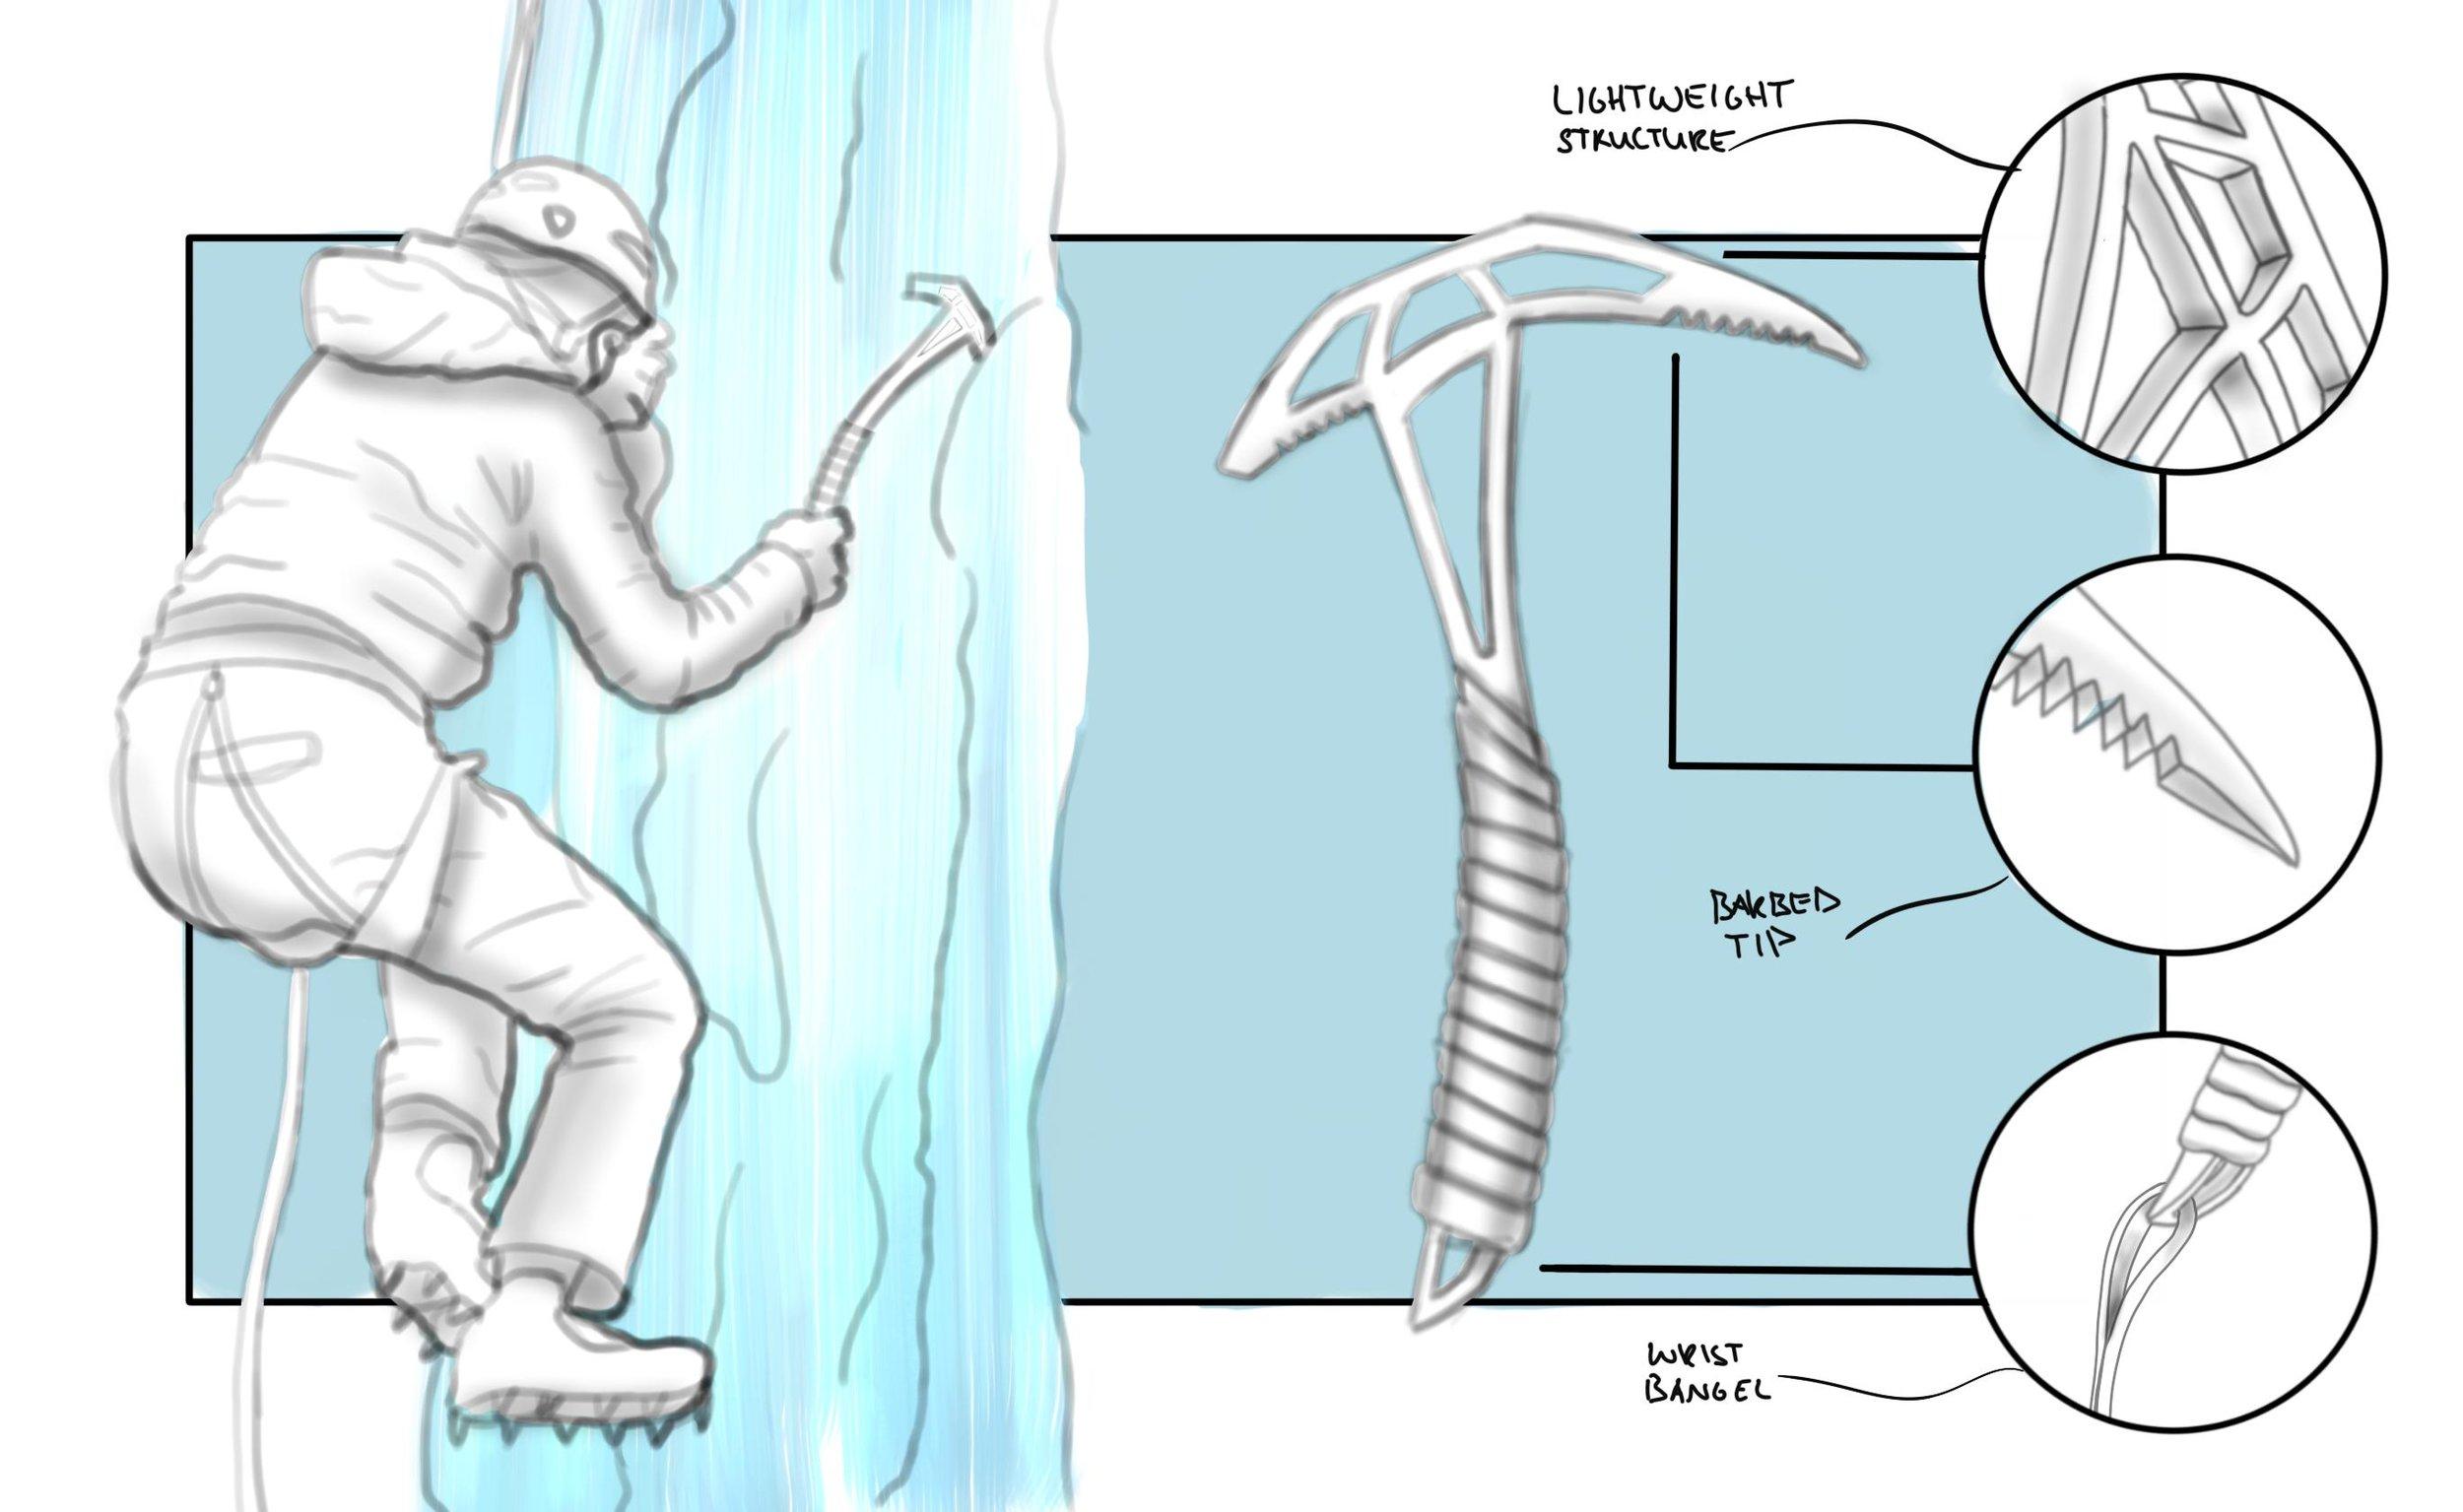 Ergonomic Ice Pick